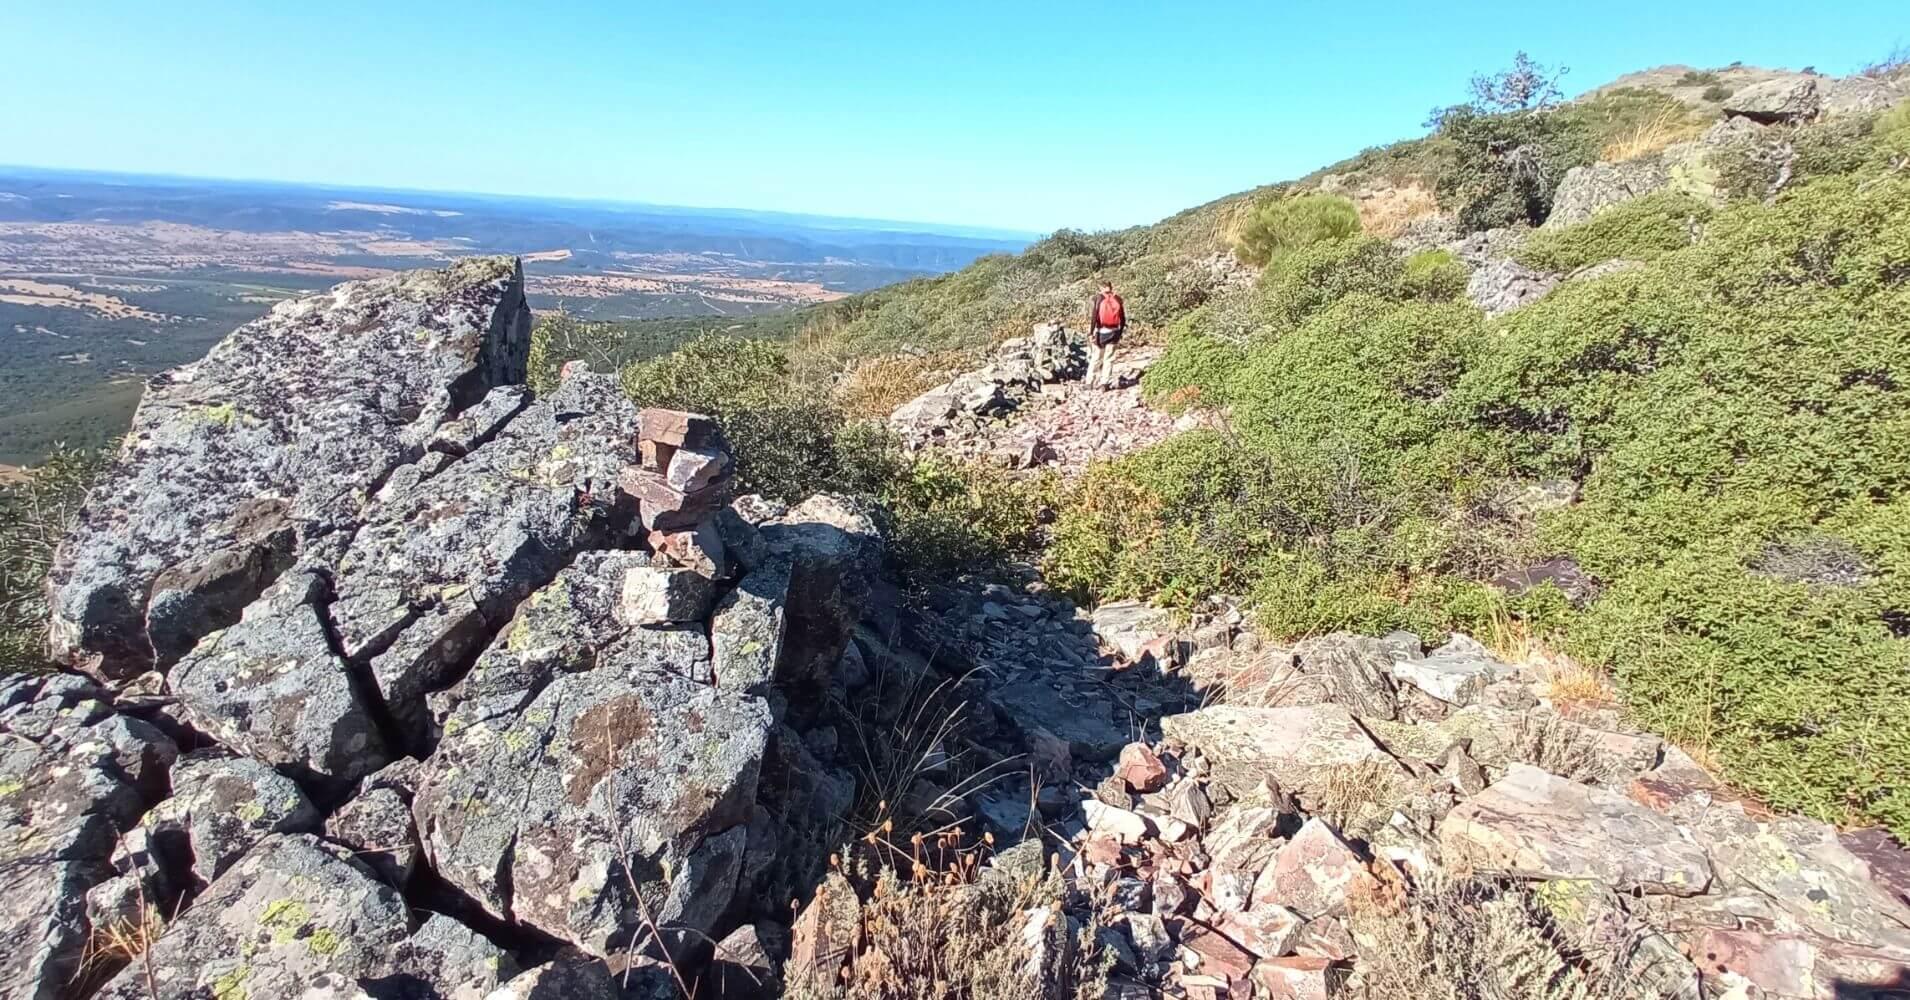 Mojones de Piedras. Camino al Cerro Vicente 1430m. Las Navillas, Menasalbas. Montes de Toledo.